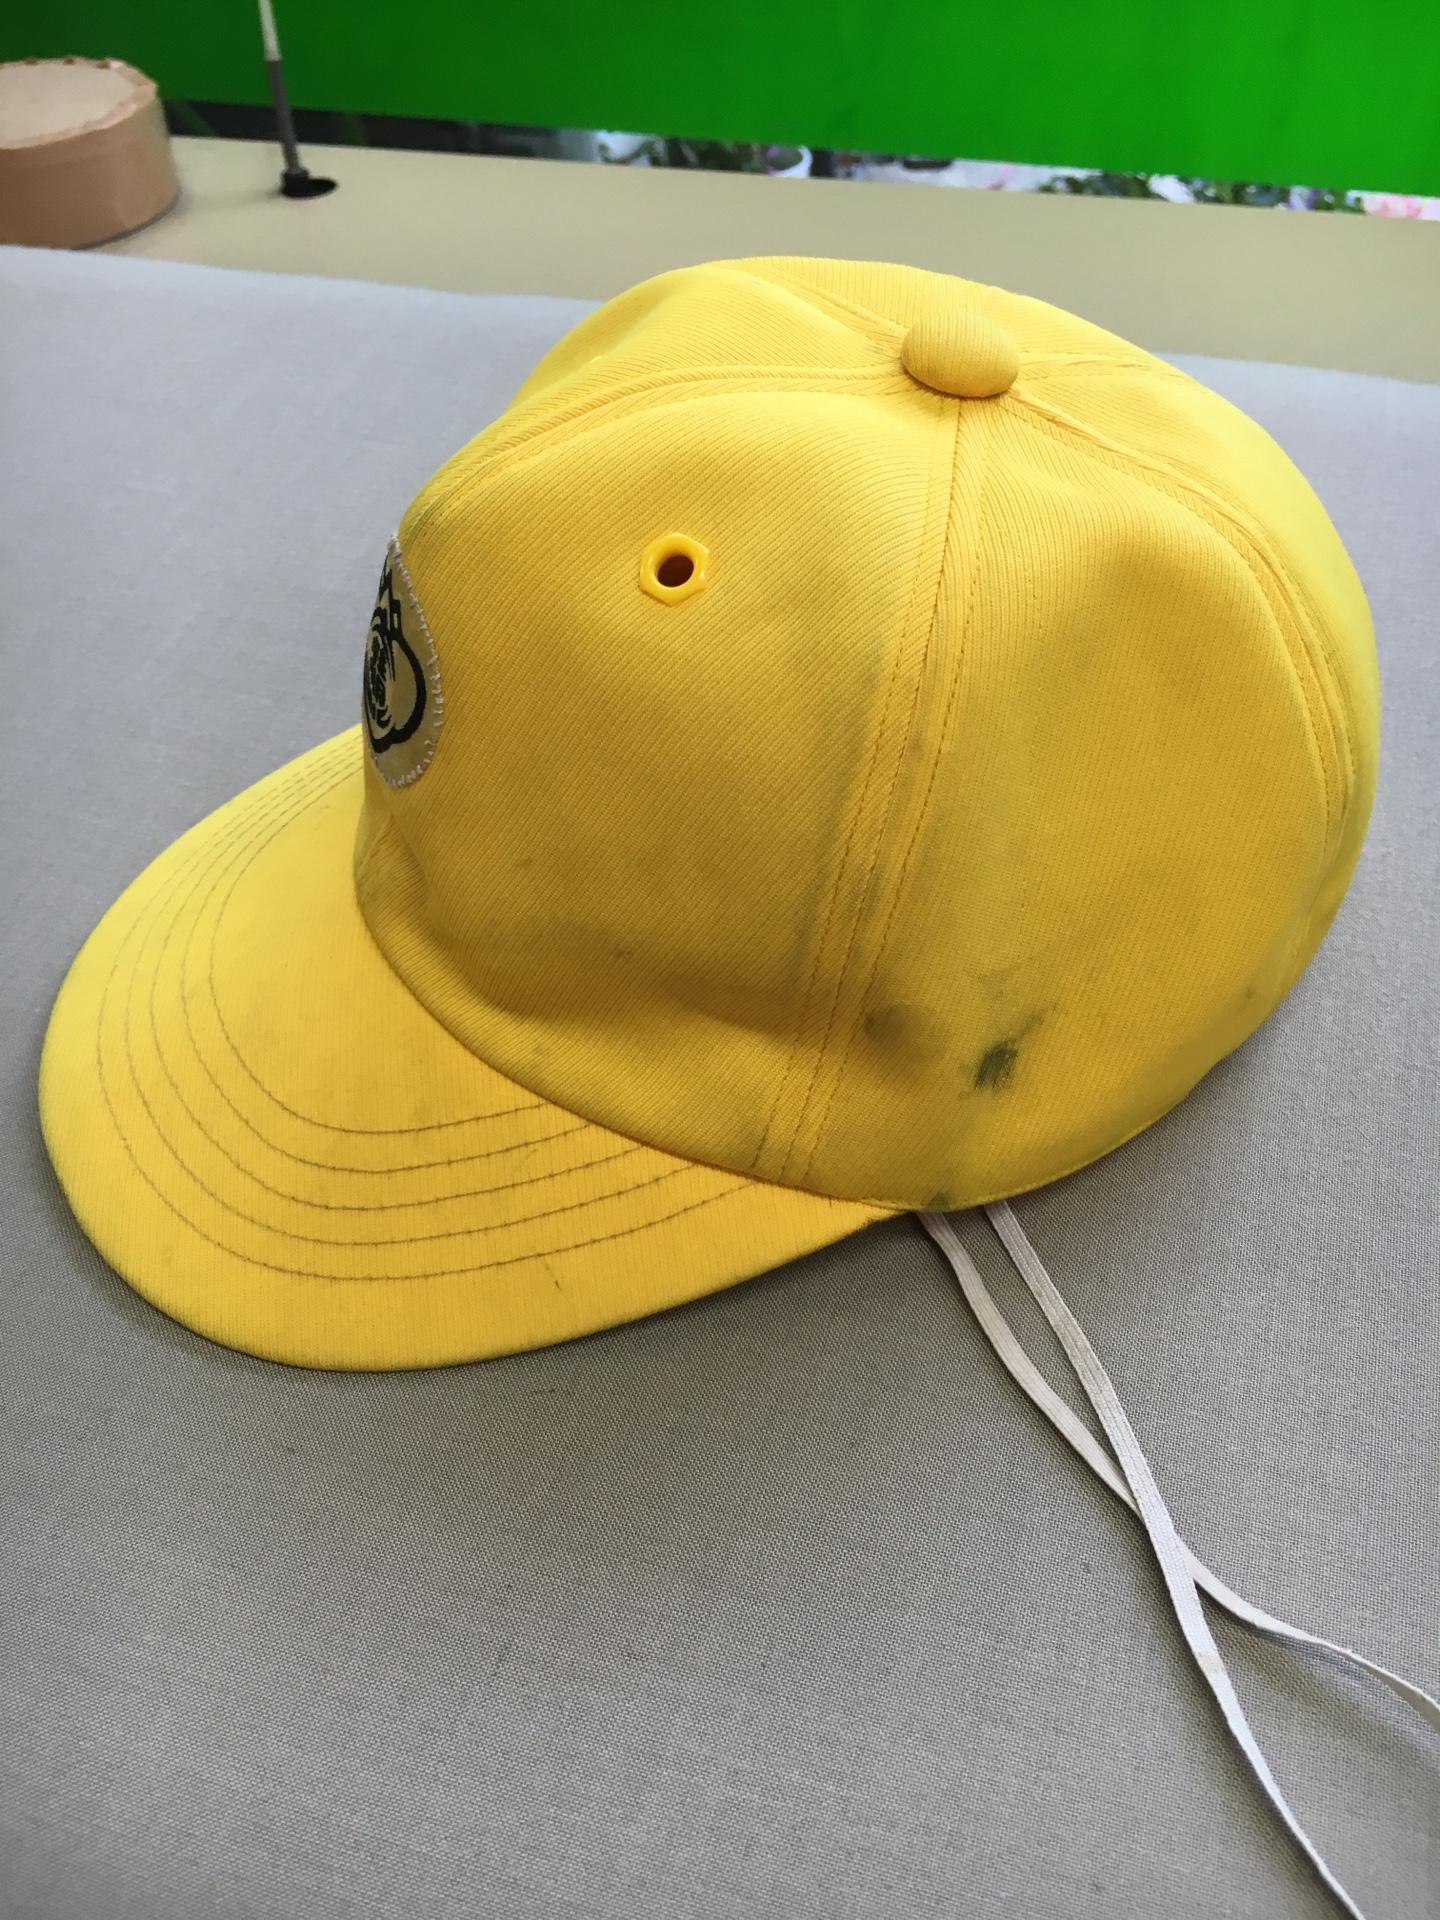 帽子の汚れ01 ビフォー